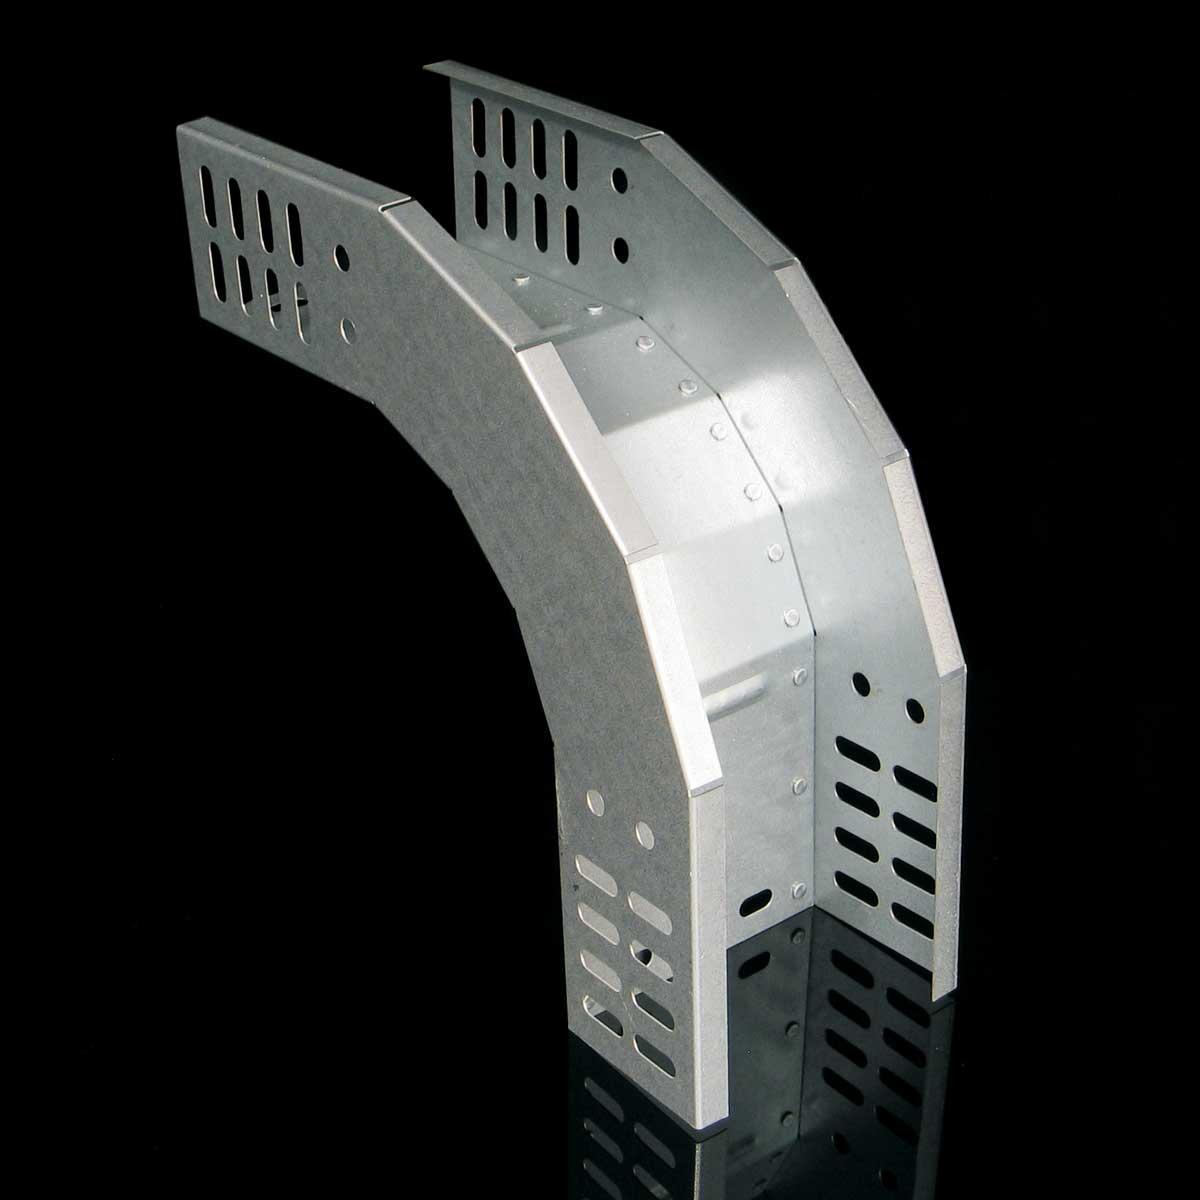 Поворот вертикальний зовнішній 90 для лотка JUPITER; розміри-85x100x270mm Товщ. метал-0,8 Вага-0,71кг/м